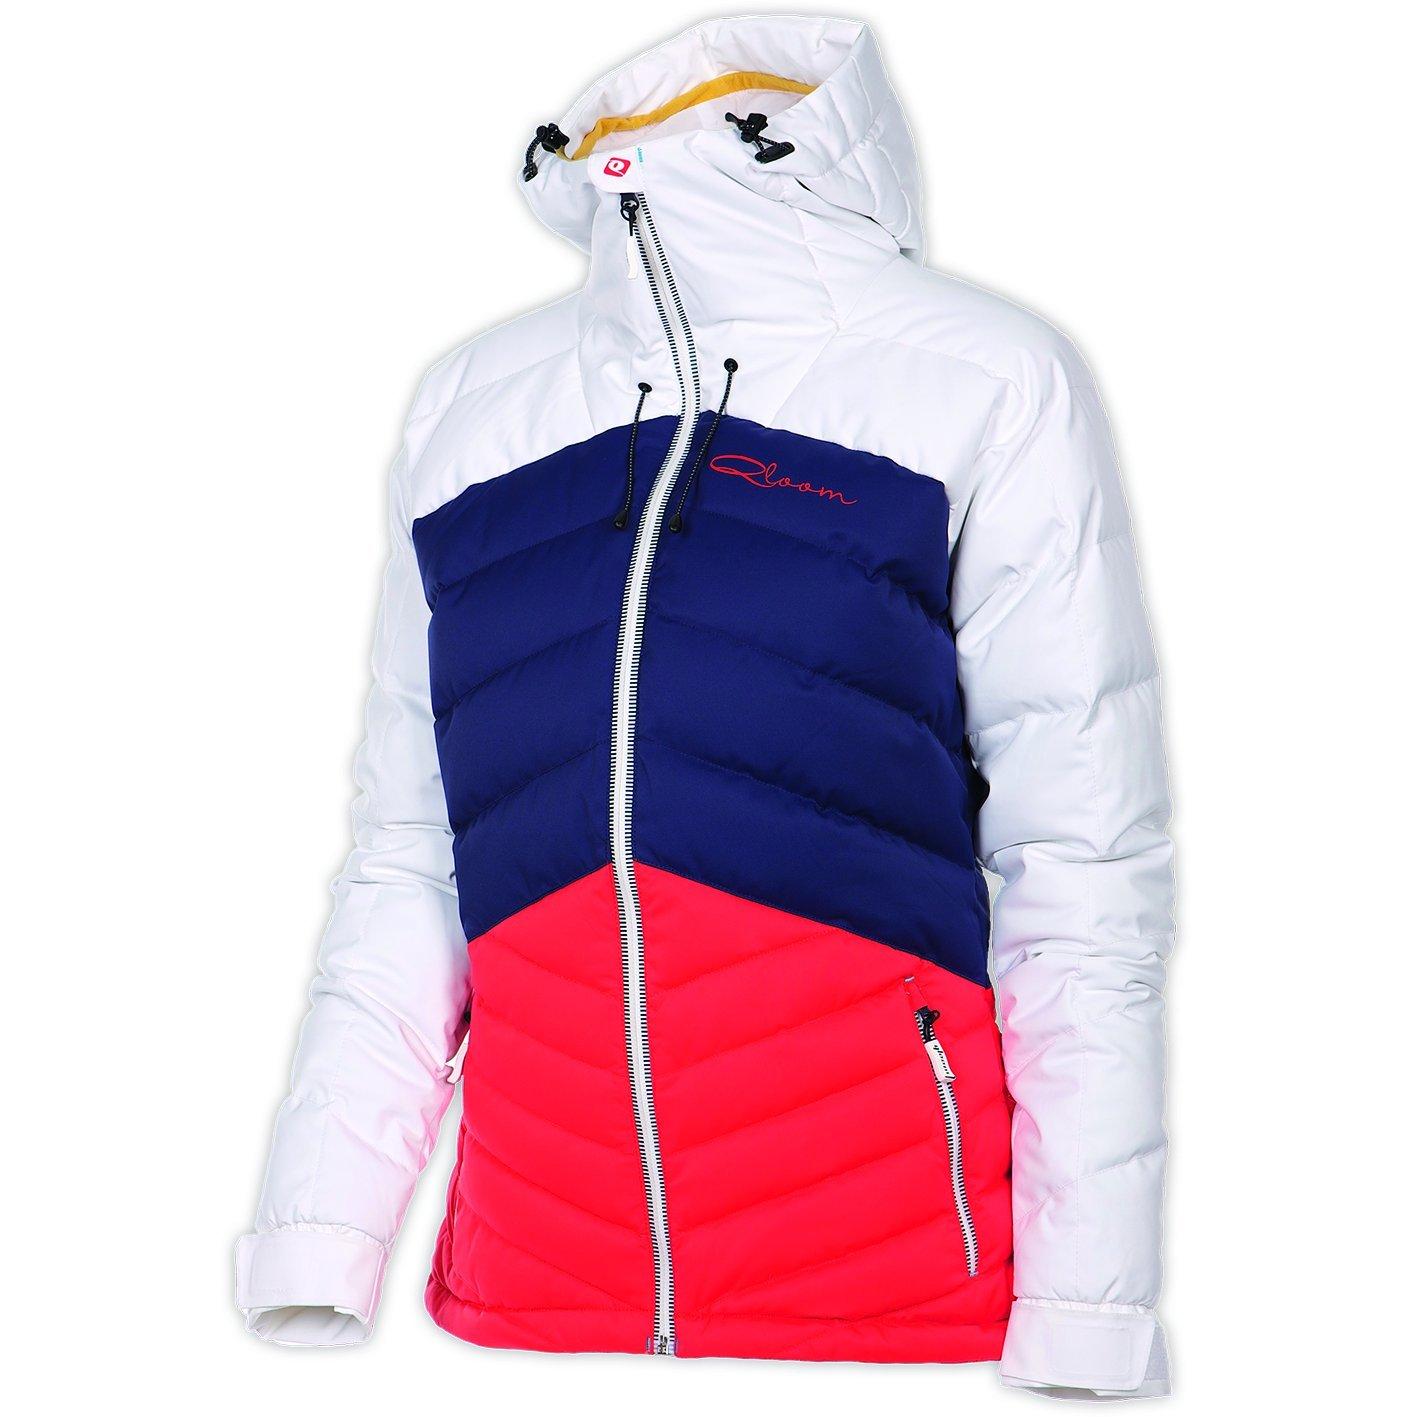 Qloom Damen Ski Jacke W's Down Aspiring günstig bestellen